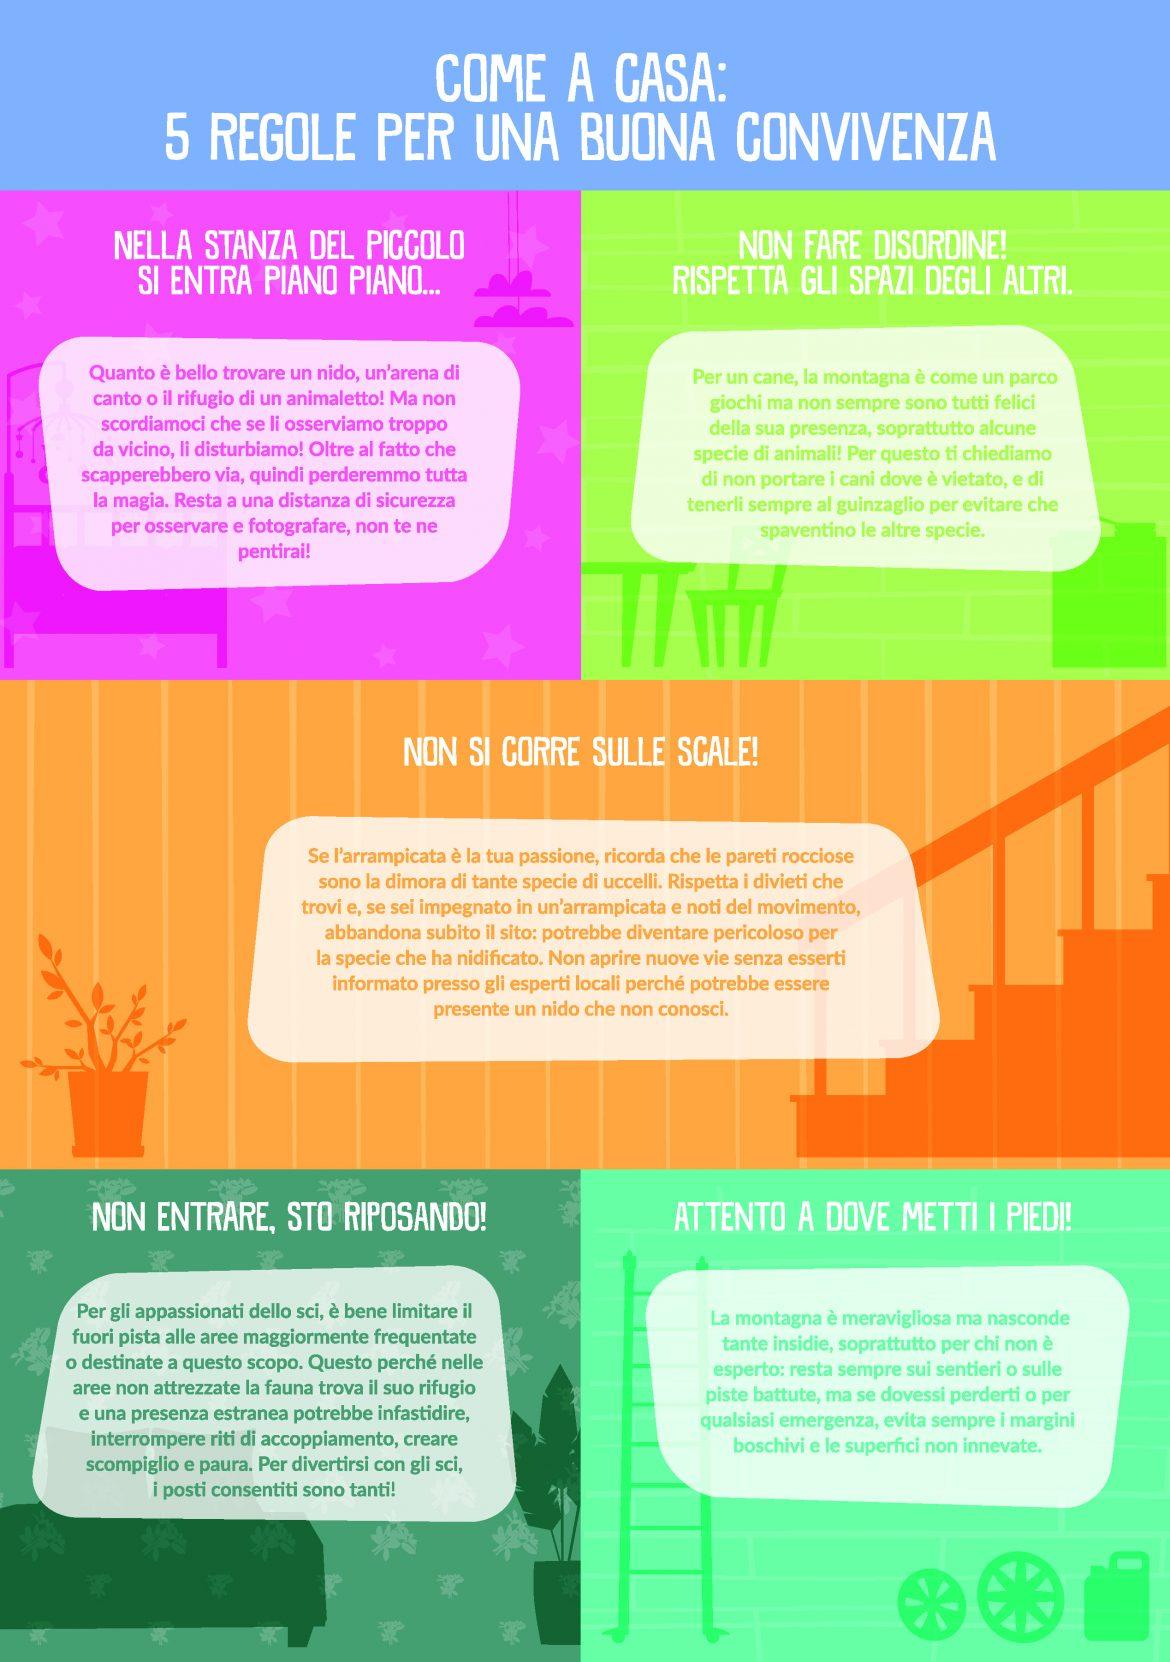 5-regole-per-una-buona-convivenza-montagna.jpg